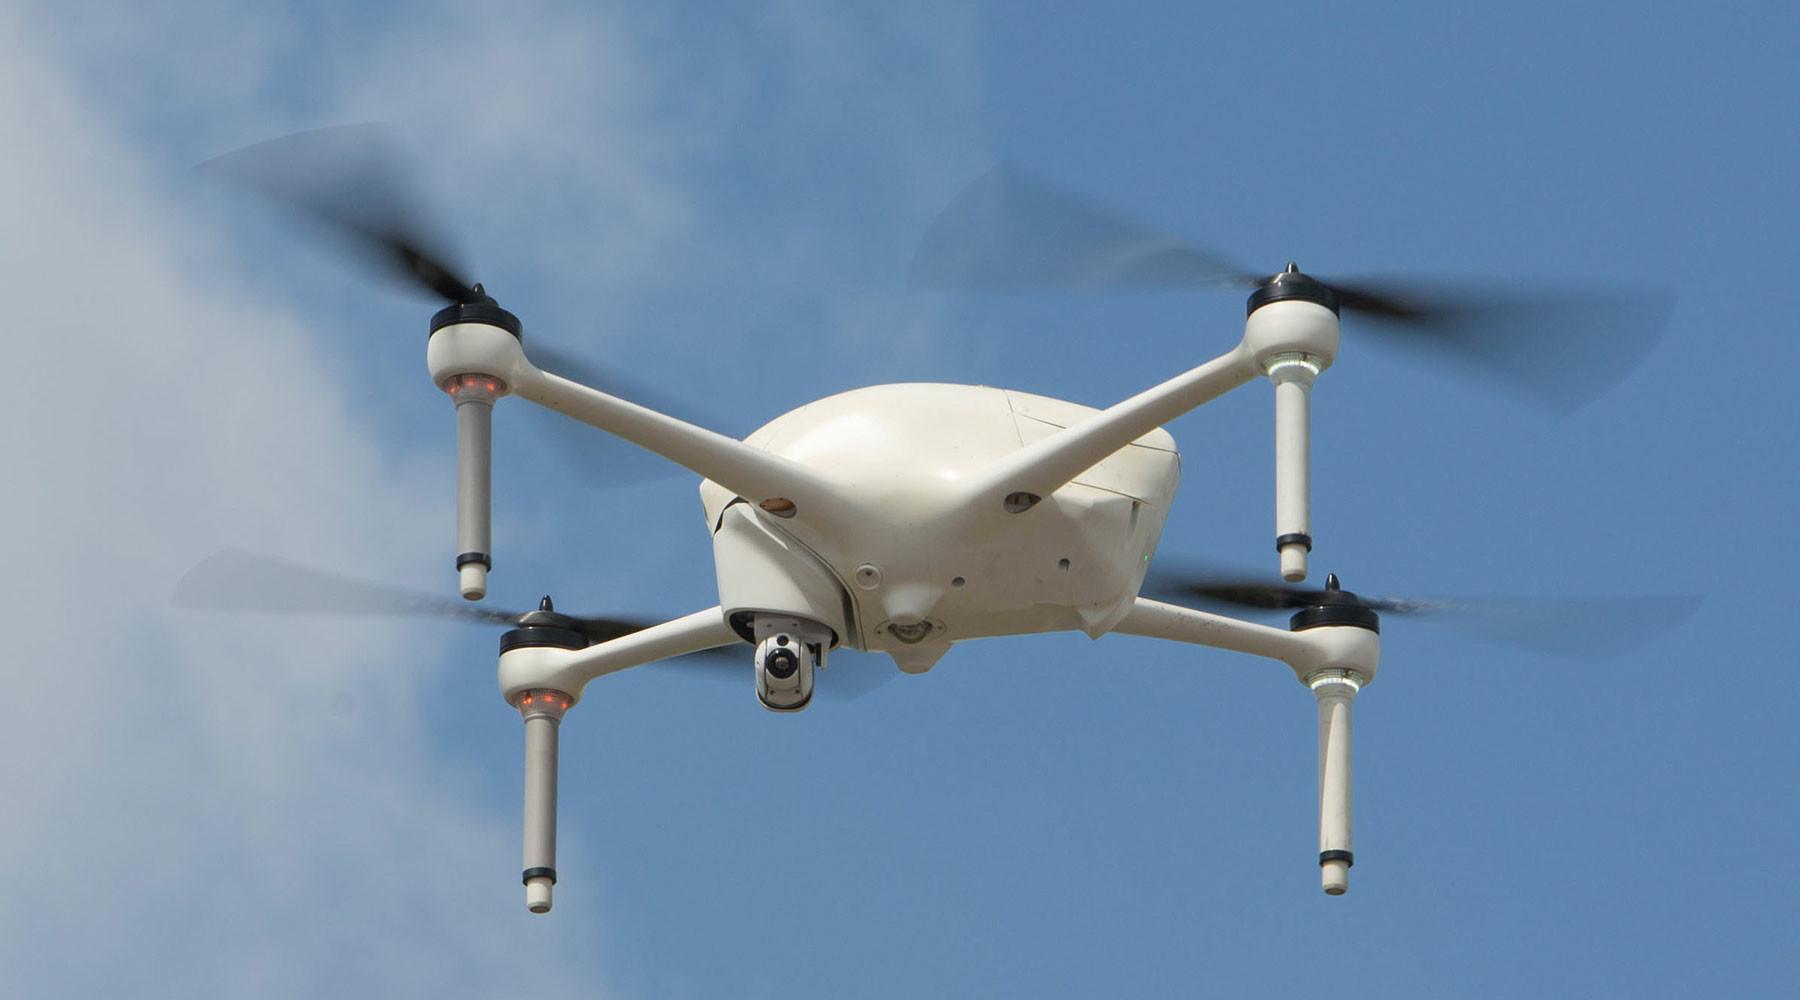 Работа в облаках: профессия оператора дронов может появиться в России в 2018 году